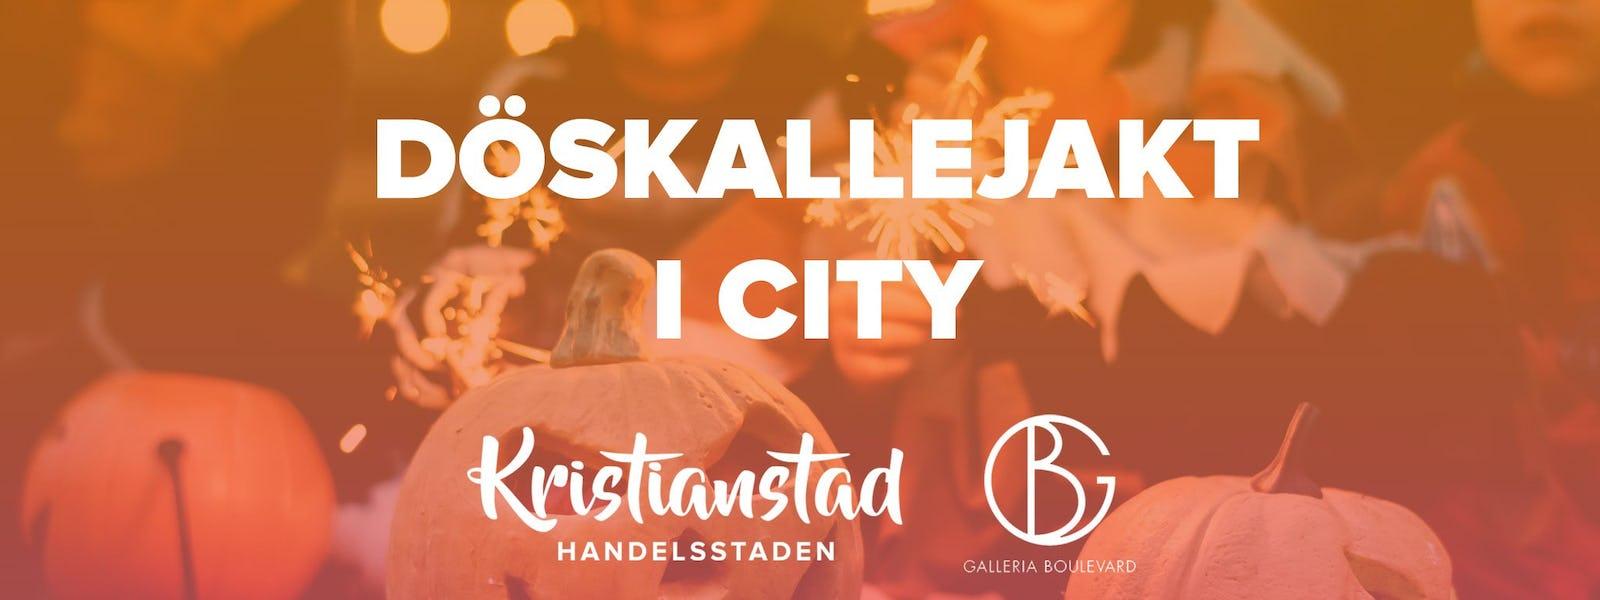 Bild - Döskallejakt i Kristianstad City